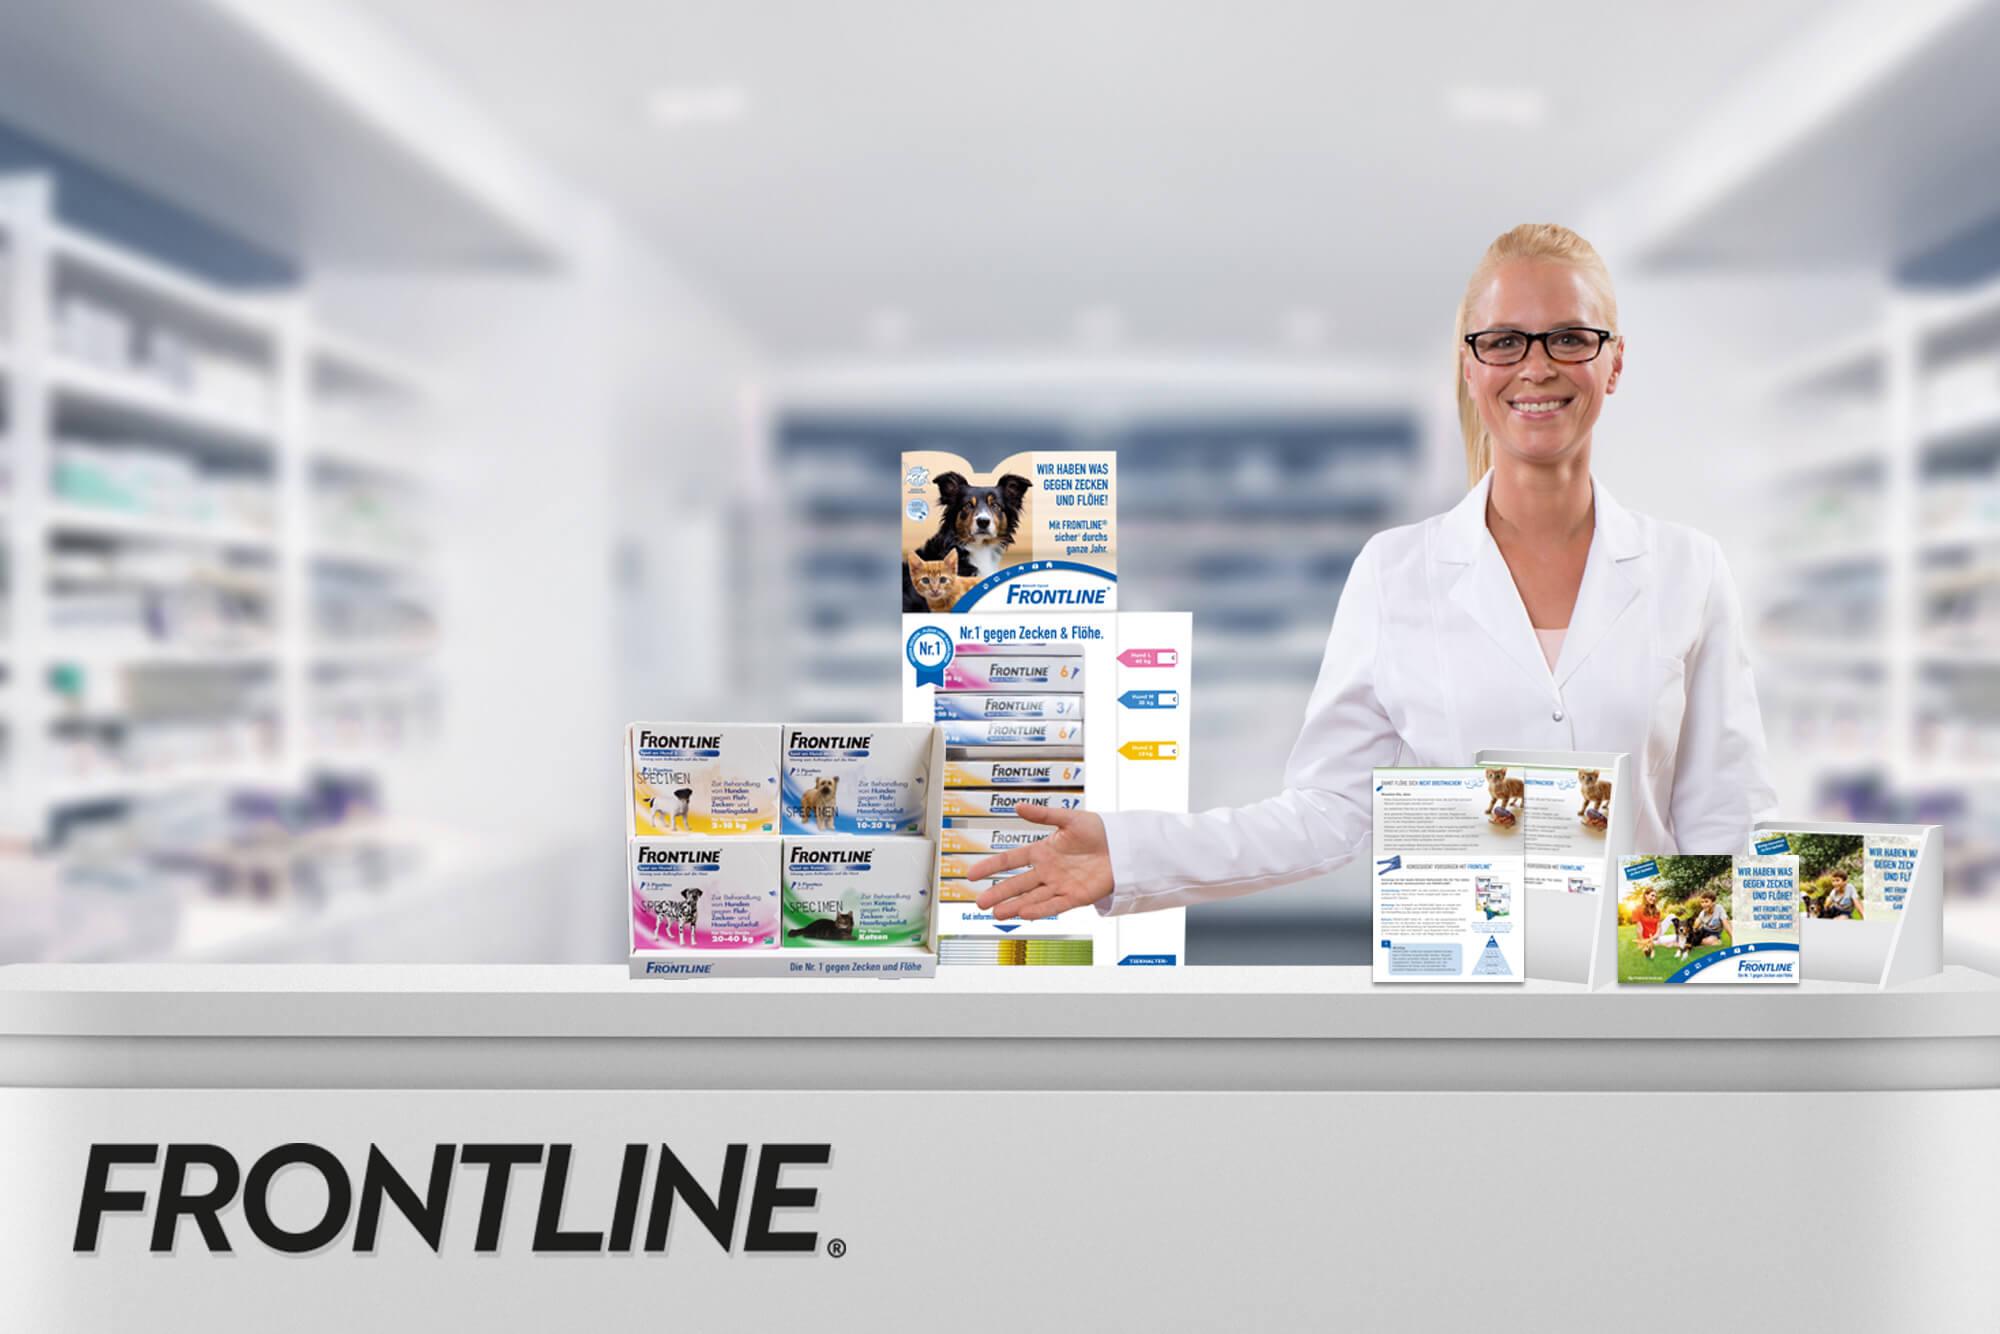 FRONTLINE Apotheken-Aktivierung